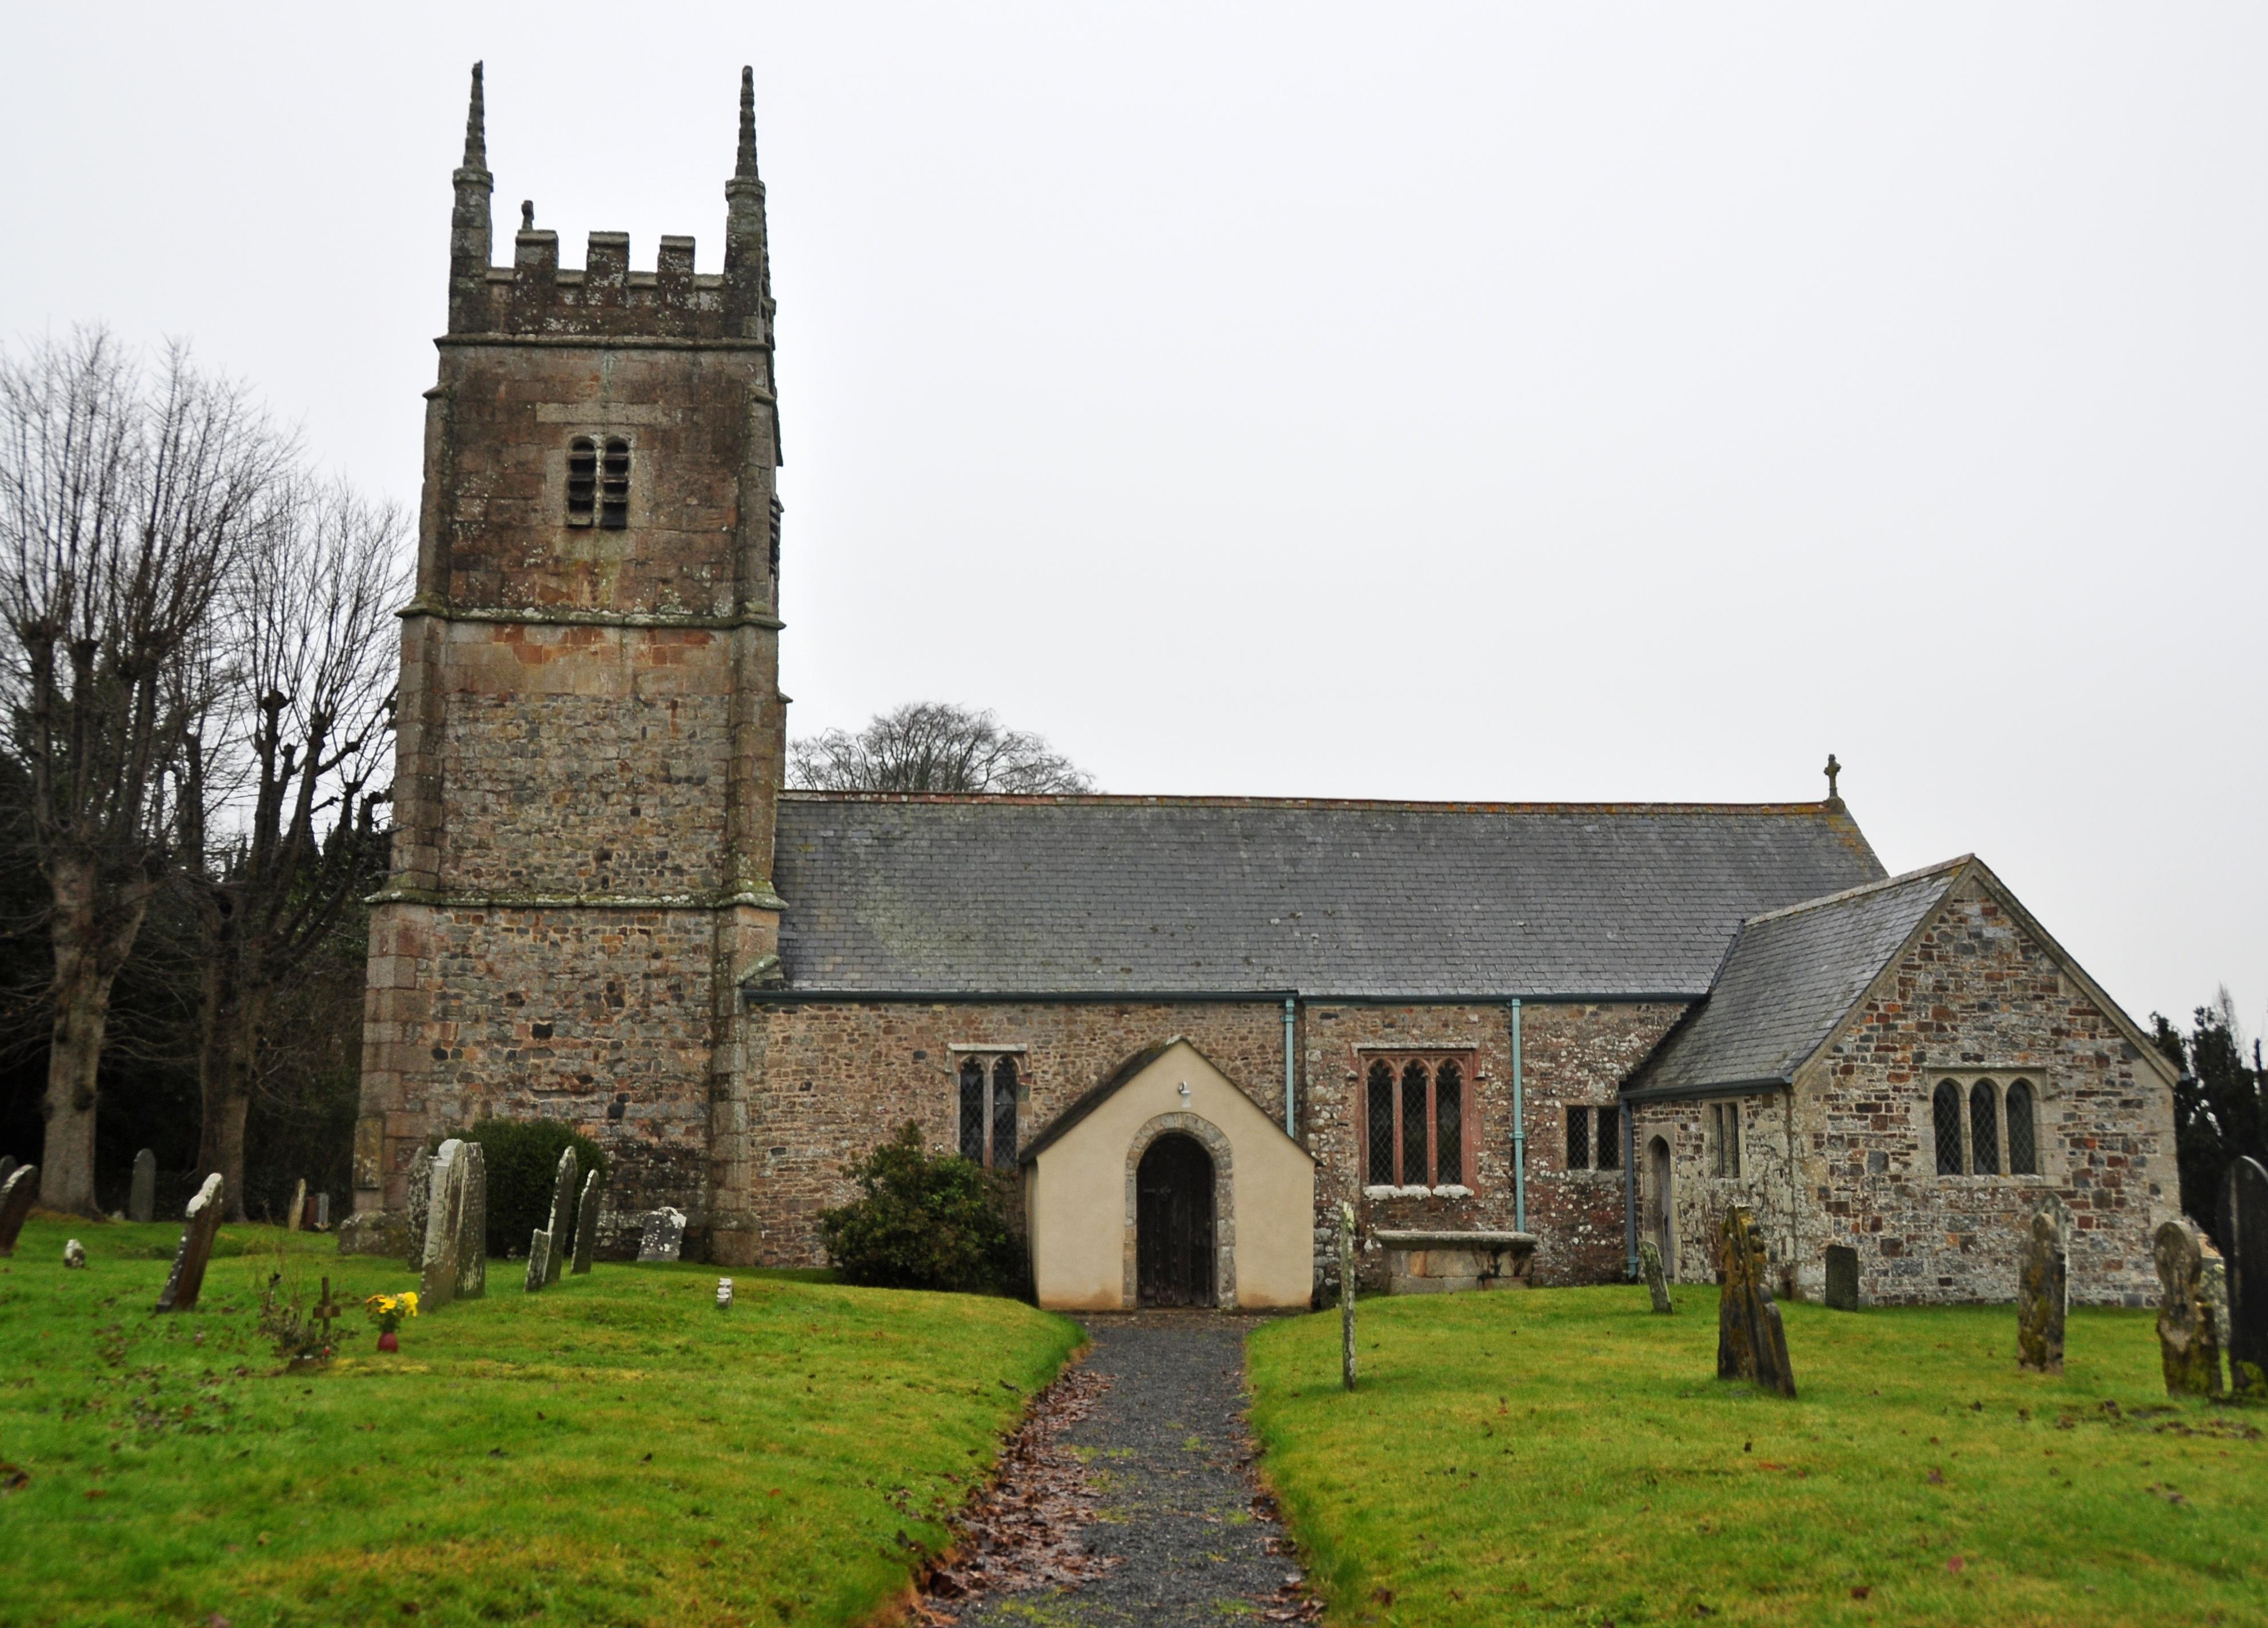 St_James_Church,_Jacobstowe, Devon